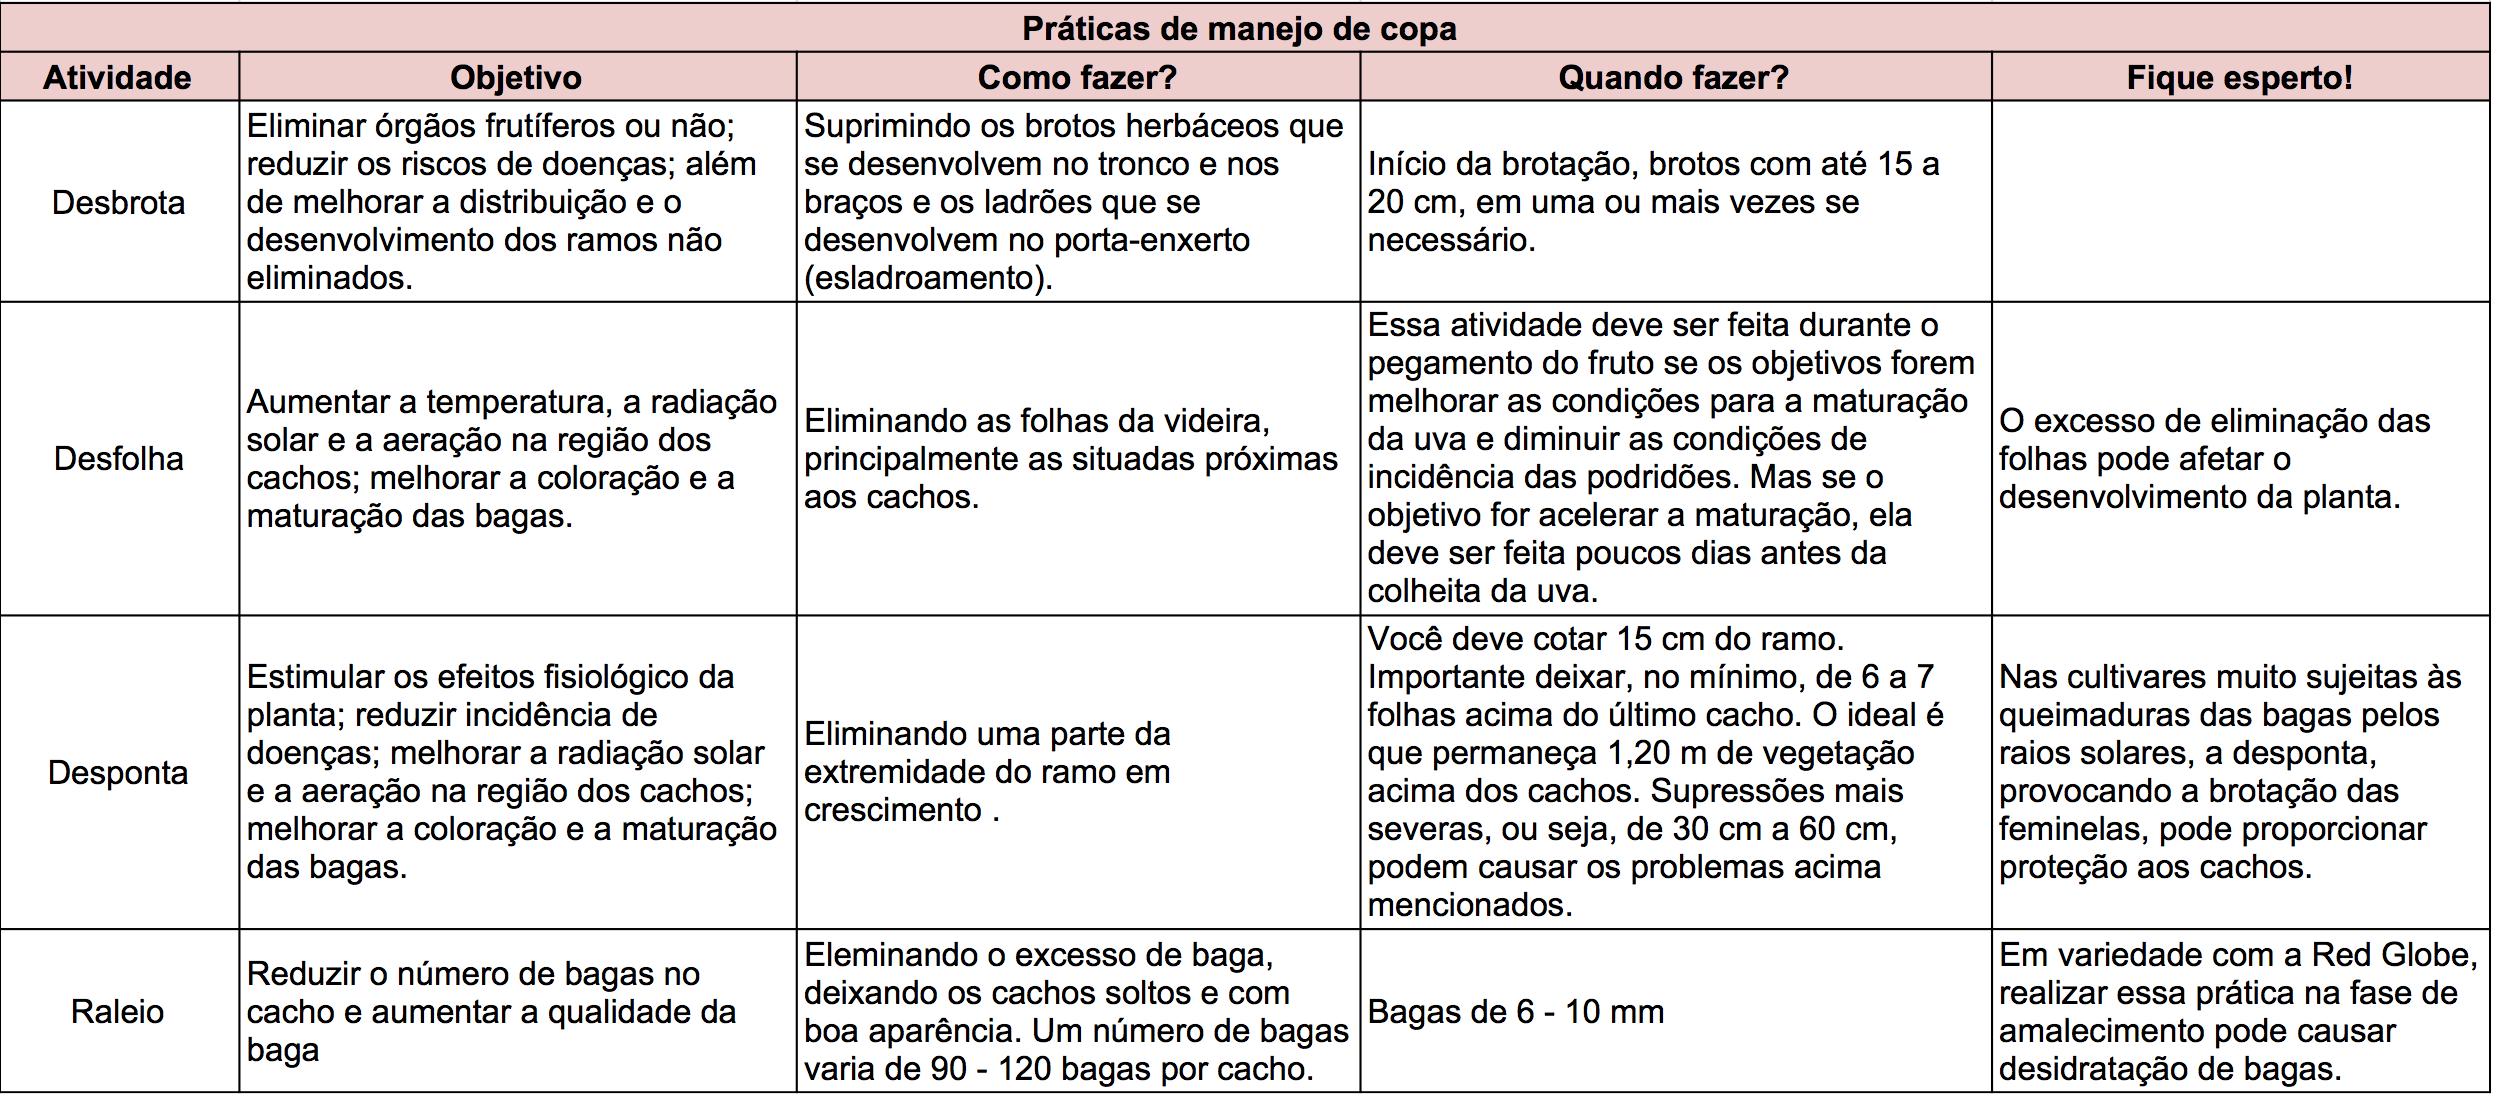 Tabela de práticas de manejo de copa